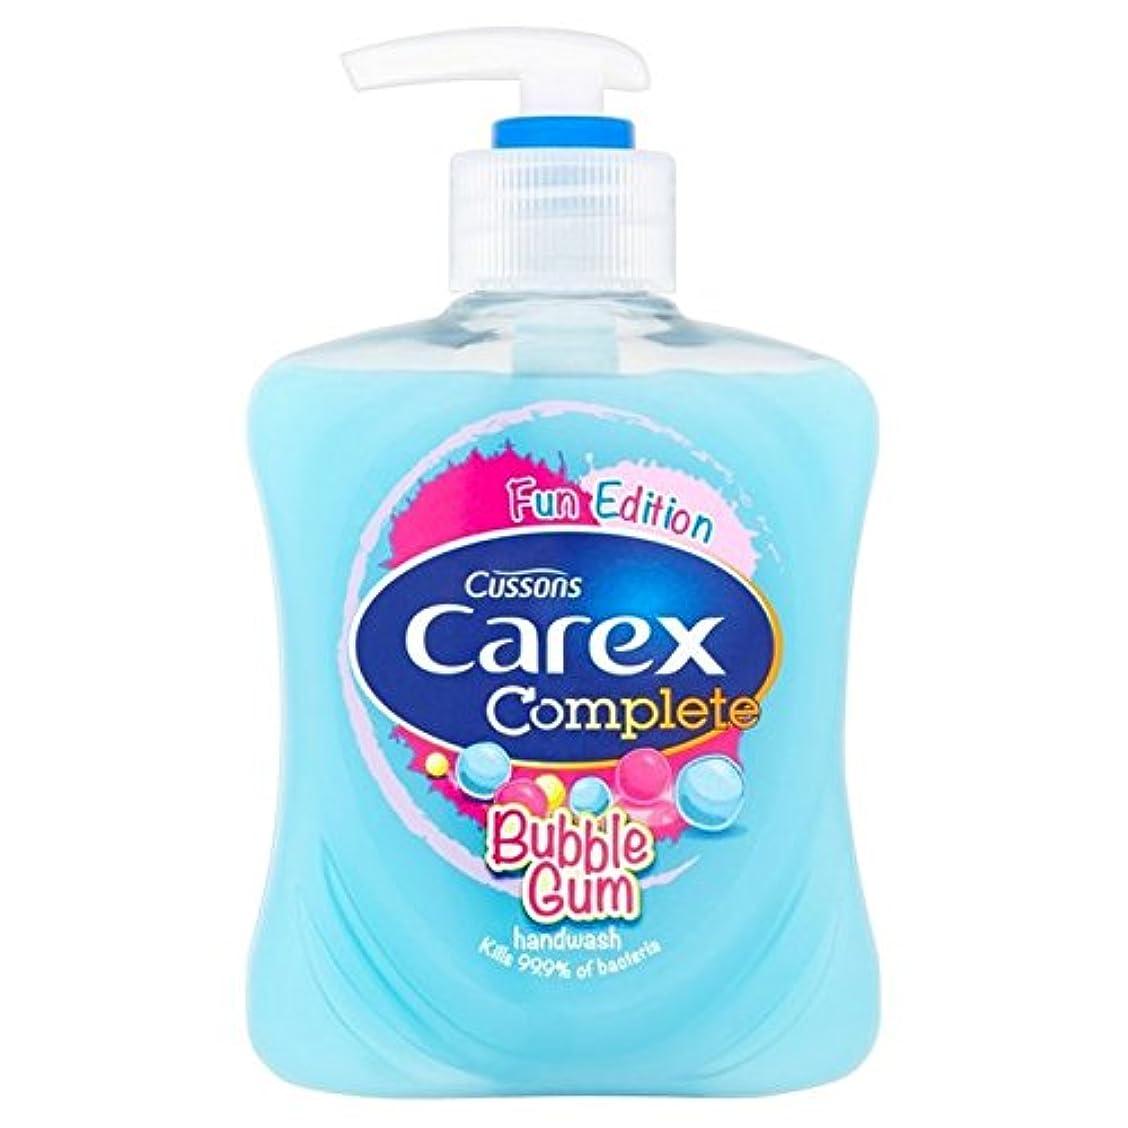 アリーナバーベキュー花瓶スゲ子供手洗いバブルガムの250ミリリットル x2 - Carex Kids Handwash Bubblegum 250ml (Pack of 2) [並行輸入品]